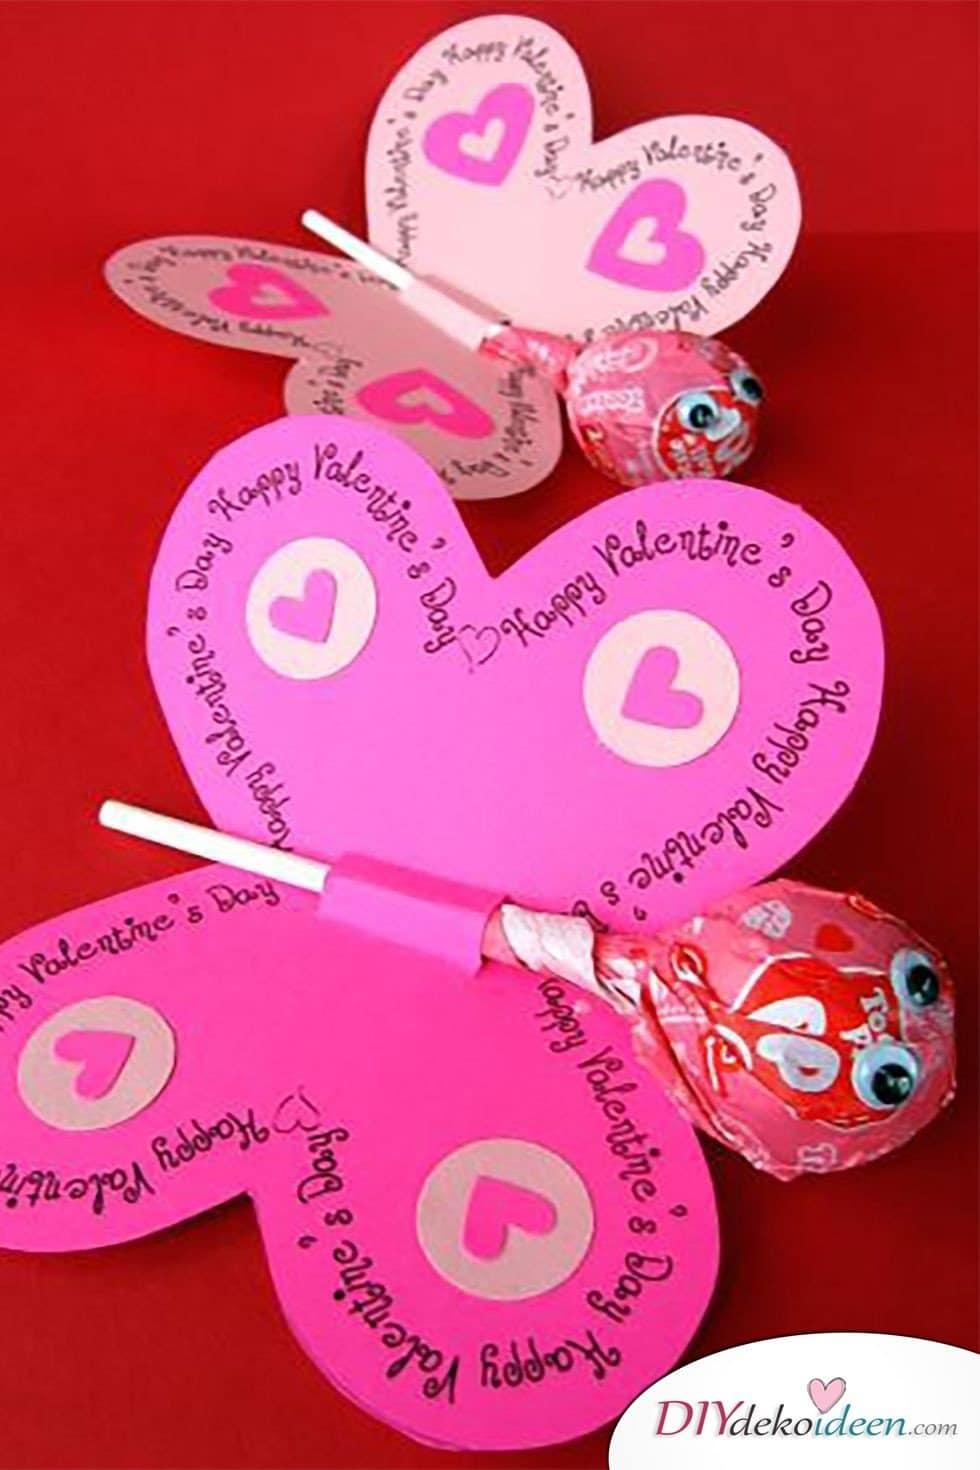 Lutscherschmetterlinge, Valentinstag Karten basteln, Valentinstag, Valentinstag basteln, Valentinstag Bastelideen, DIY Bastelideen, romantisch, Karten basteln